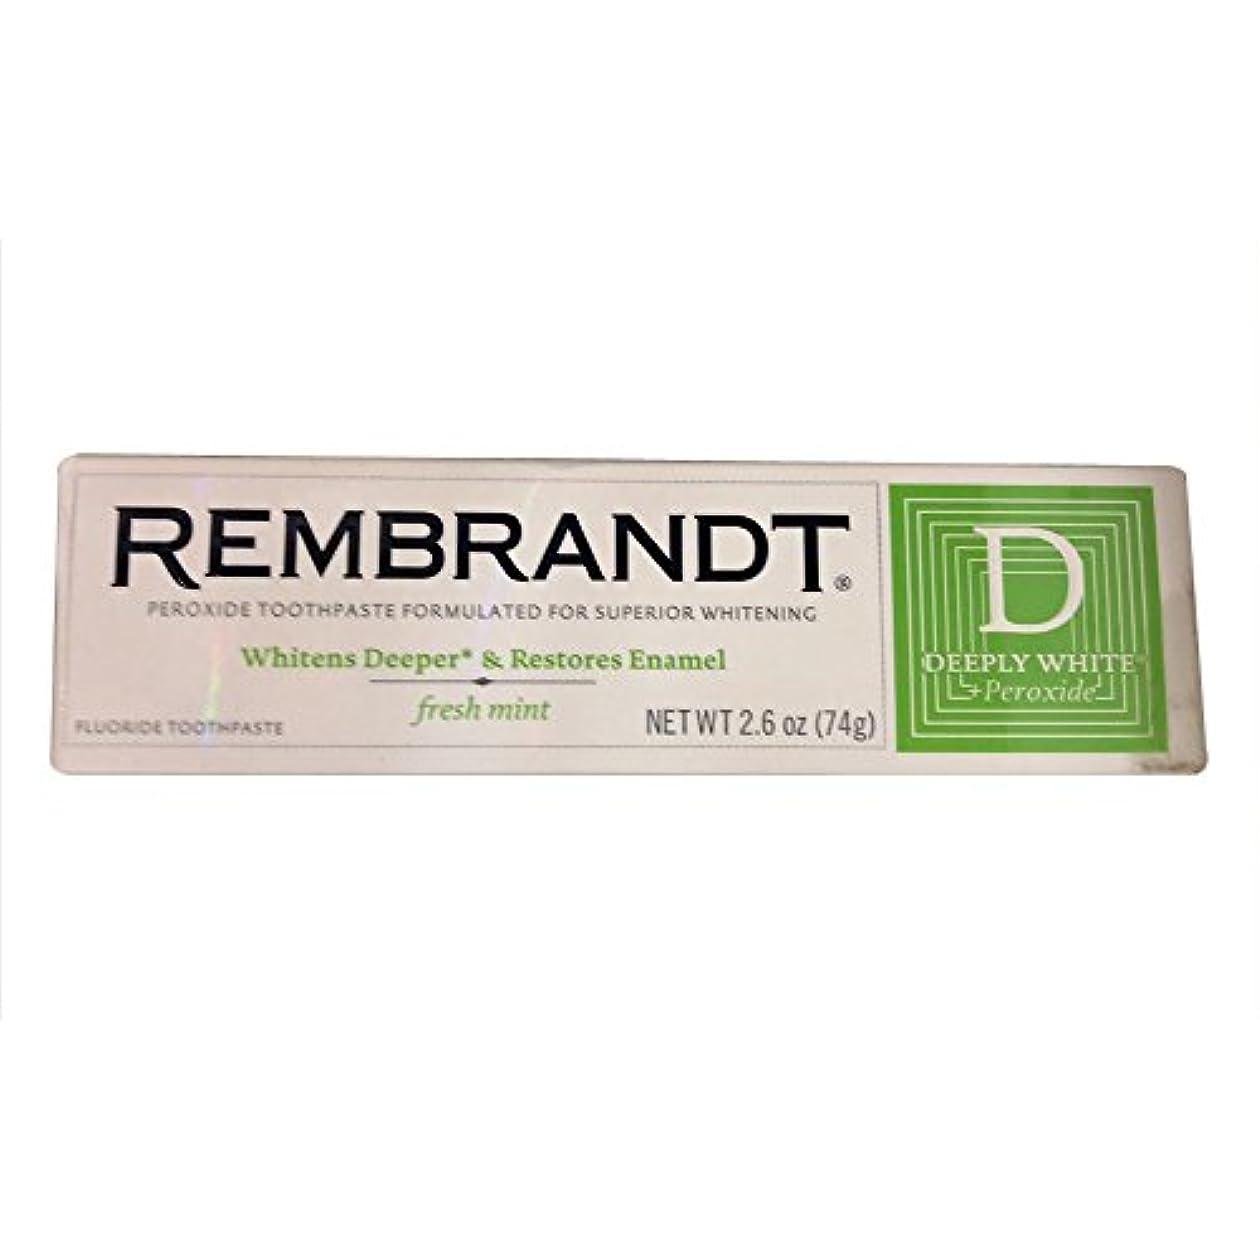 夕方創始者勤勉なRembrandt プラス深くホワイトプラス過酸化フッ化物の歯磨き粉フレッシュミント、2.6オズ、(12パック) 12のパック